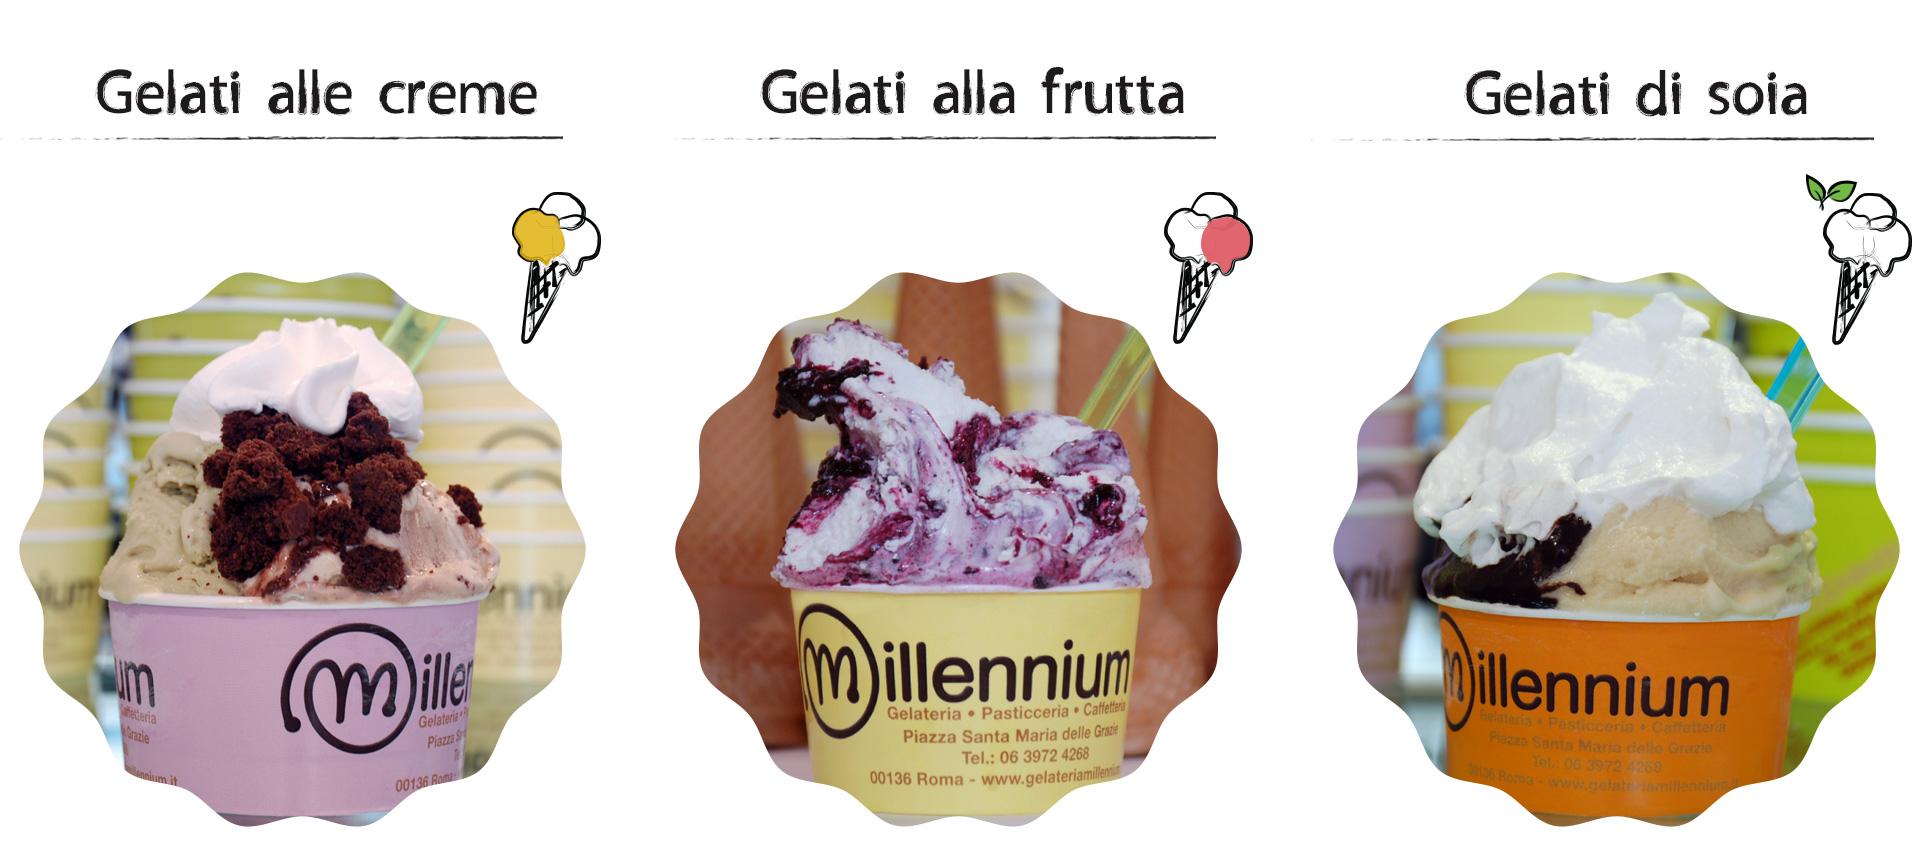 Gelateria Millennium - gelato artigianale